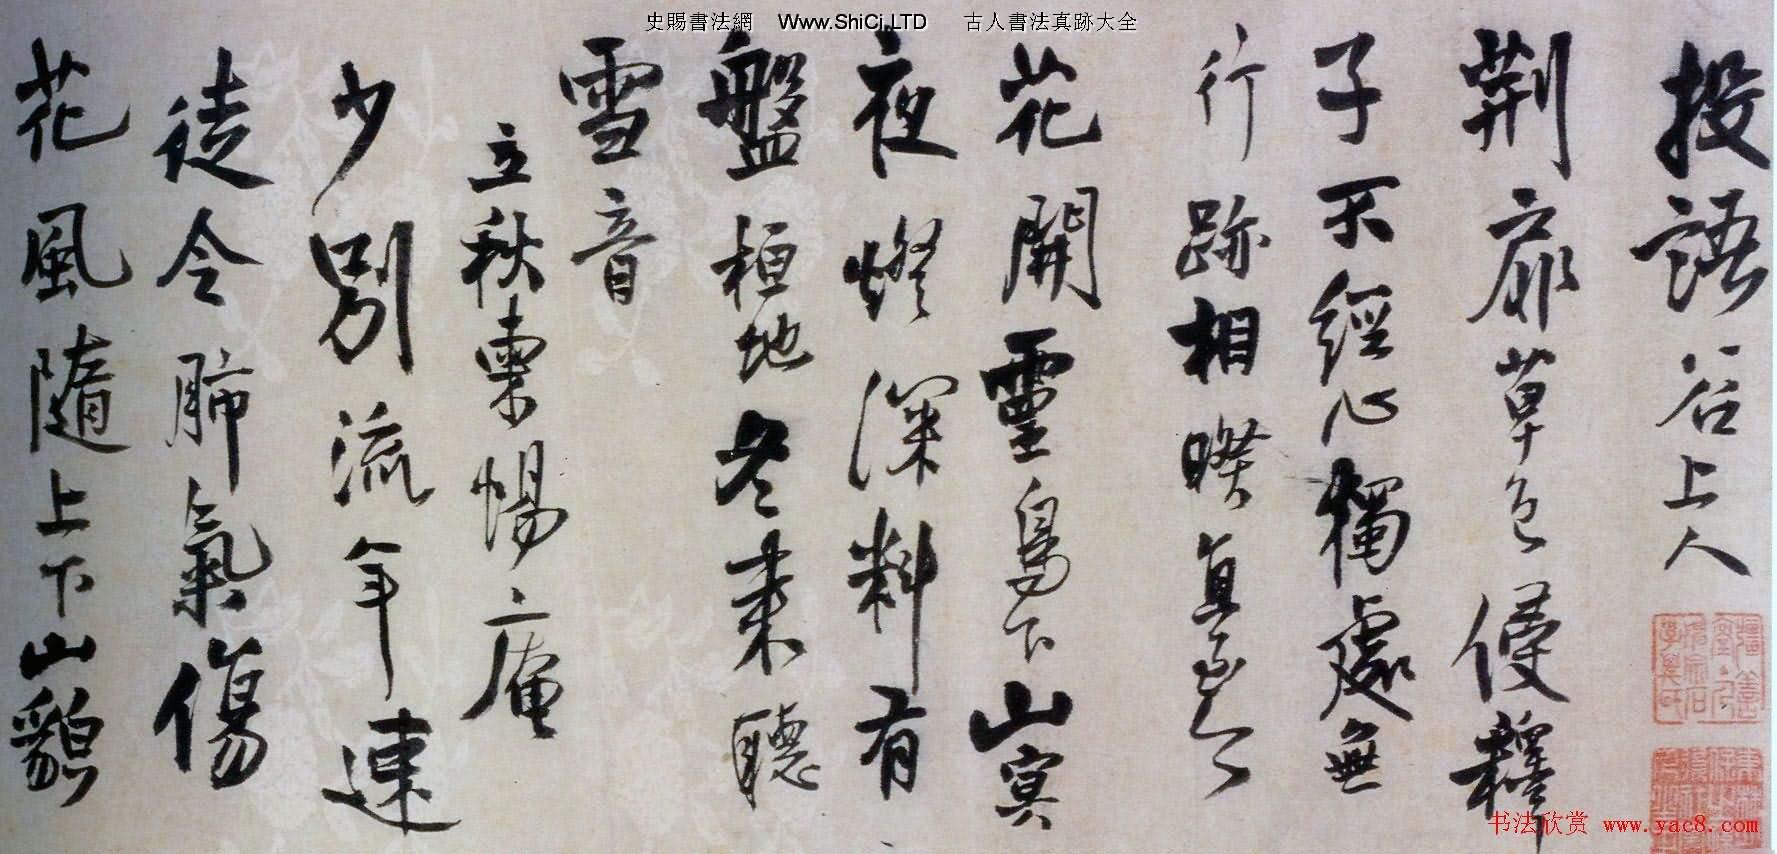 王鐸行書詩卷真跡欣賞《投語谷上人》(共4張圖片)